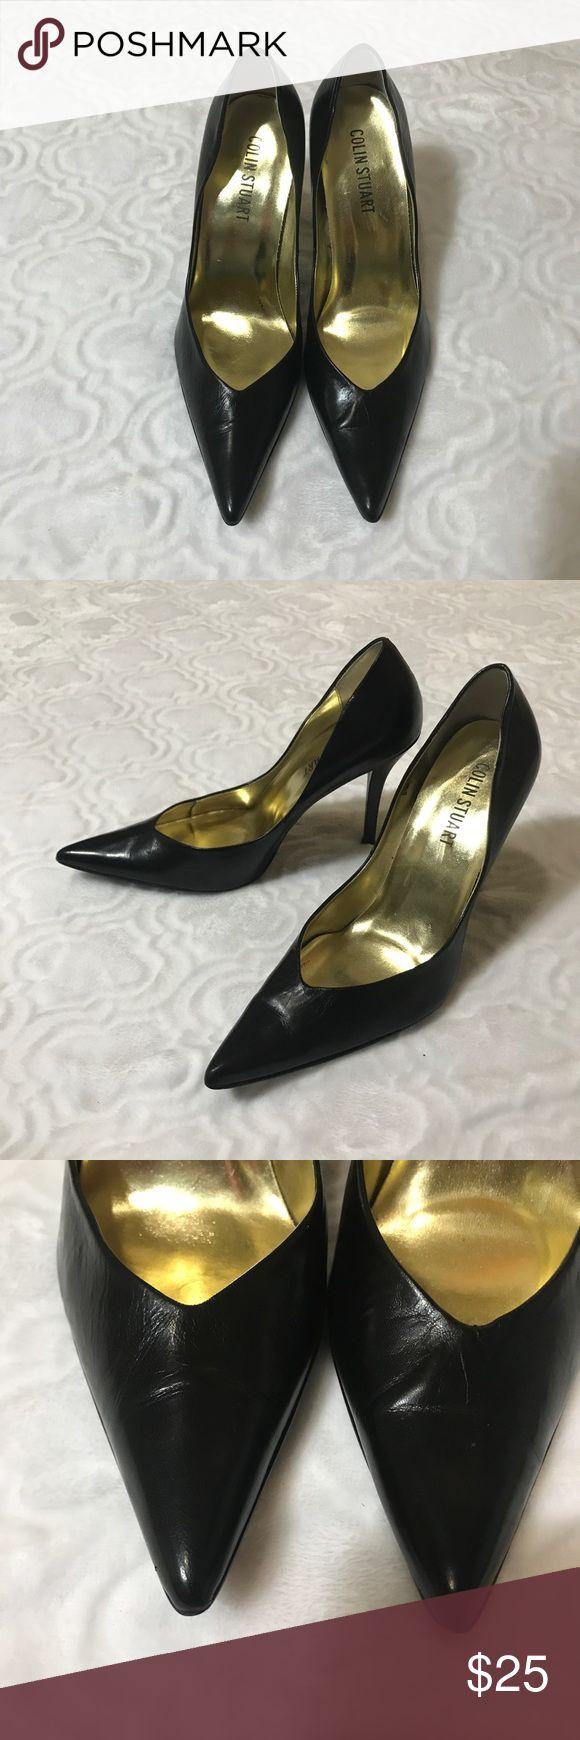 Colin Stuart stilettos Black leather Colin Stuart stilettos, lining is a little loose, size 8.5 Colin Stuart Shoes Heels